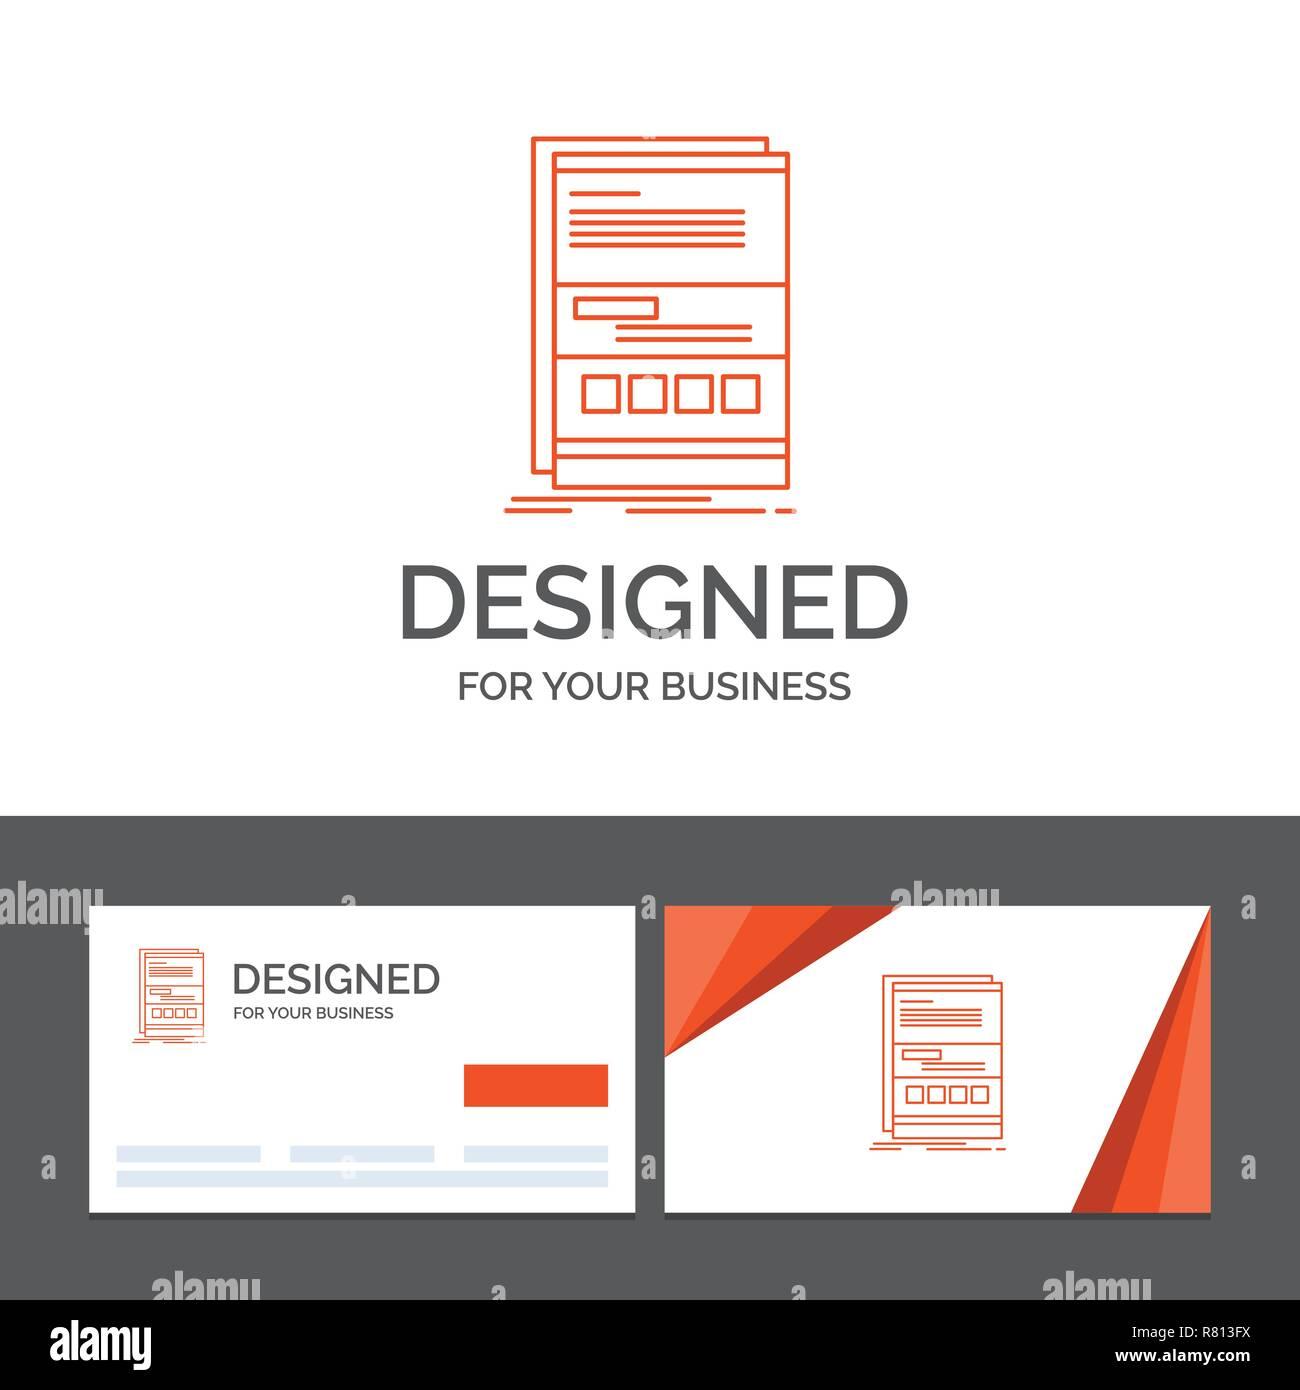 Logo Dentreprise Modele Pour Browser Dynamique Internet Page Reactif Cartes De Visite Orange Avec Marque Template